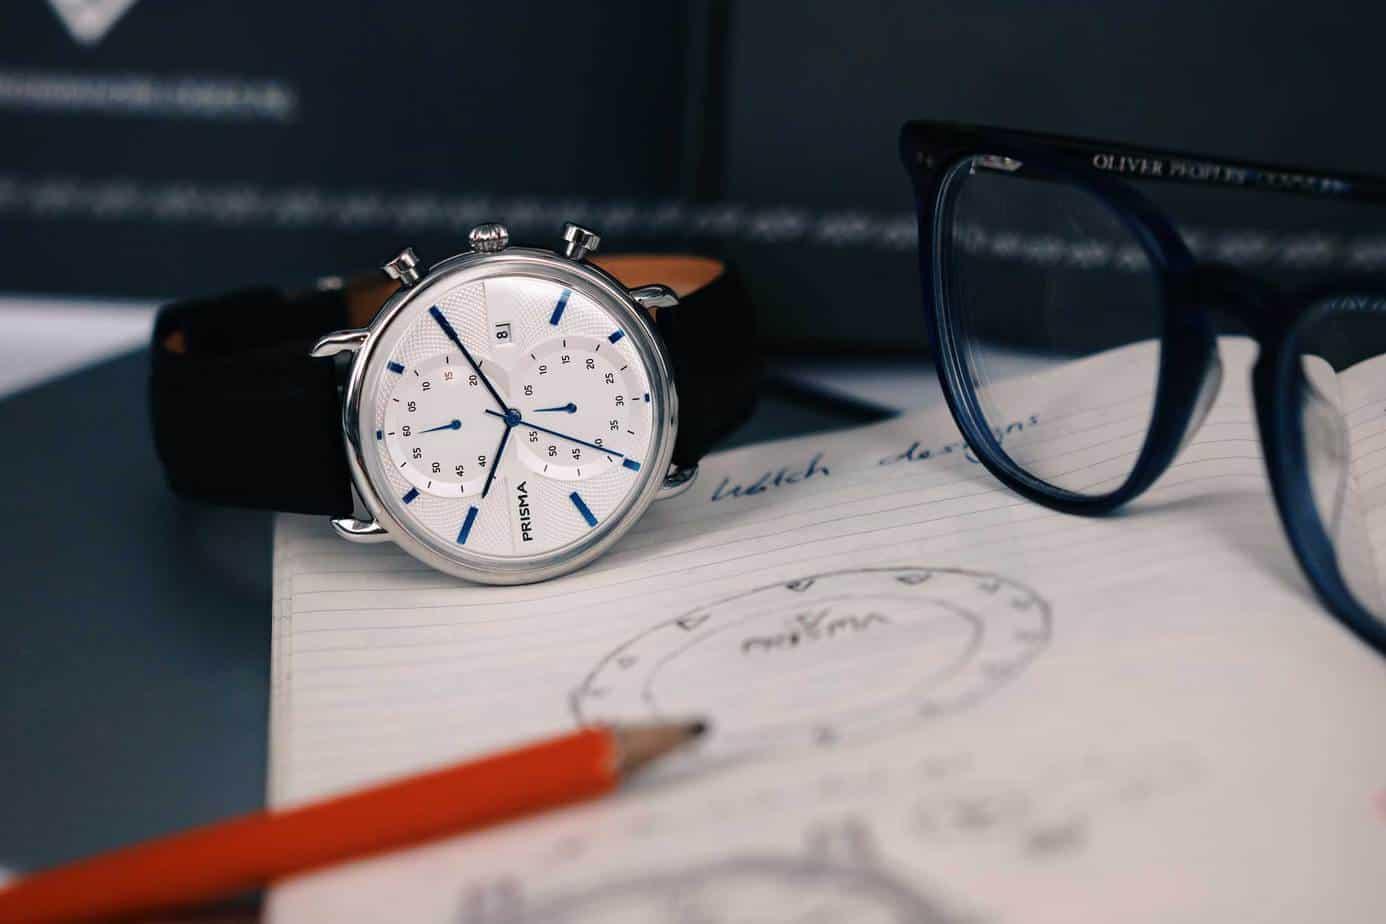 prisma dome chronograaf blauw horloge kantoor heren